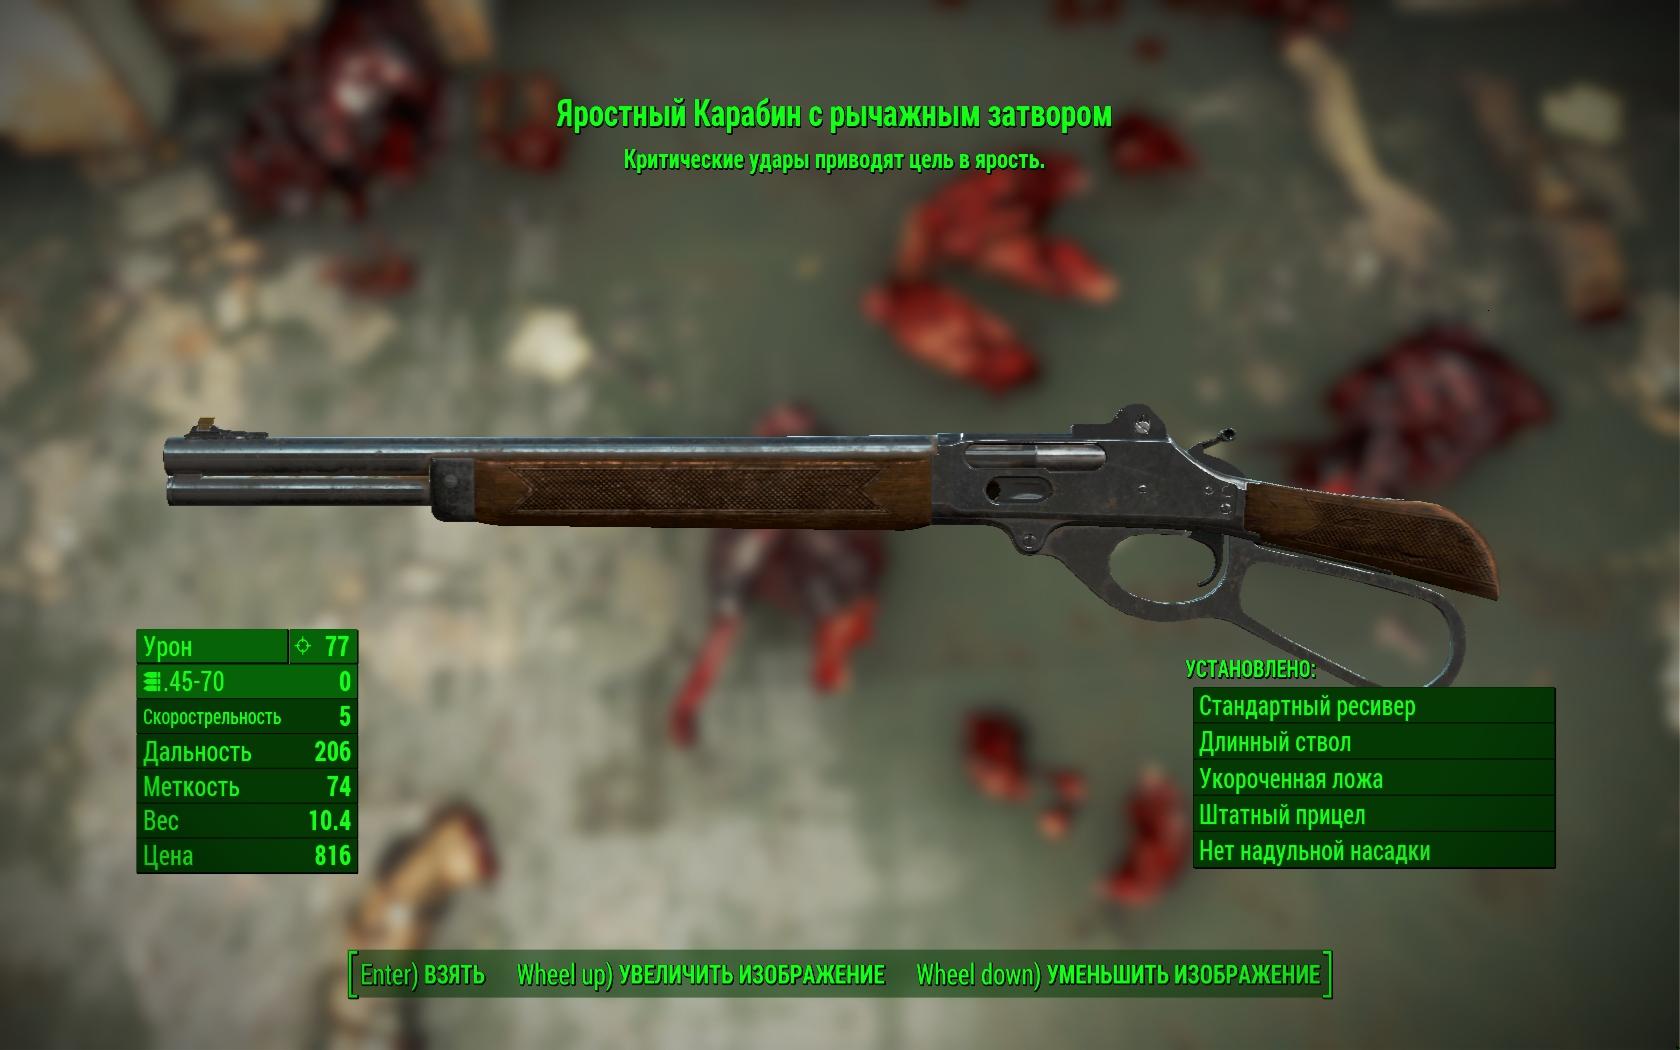 карабин - Fallout 4 Оружие, рычажный, Яростный